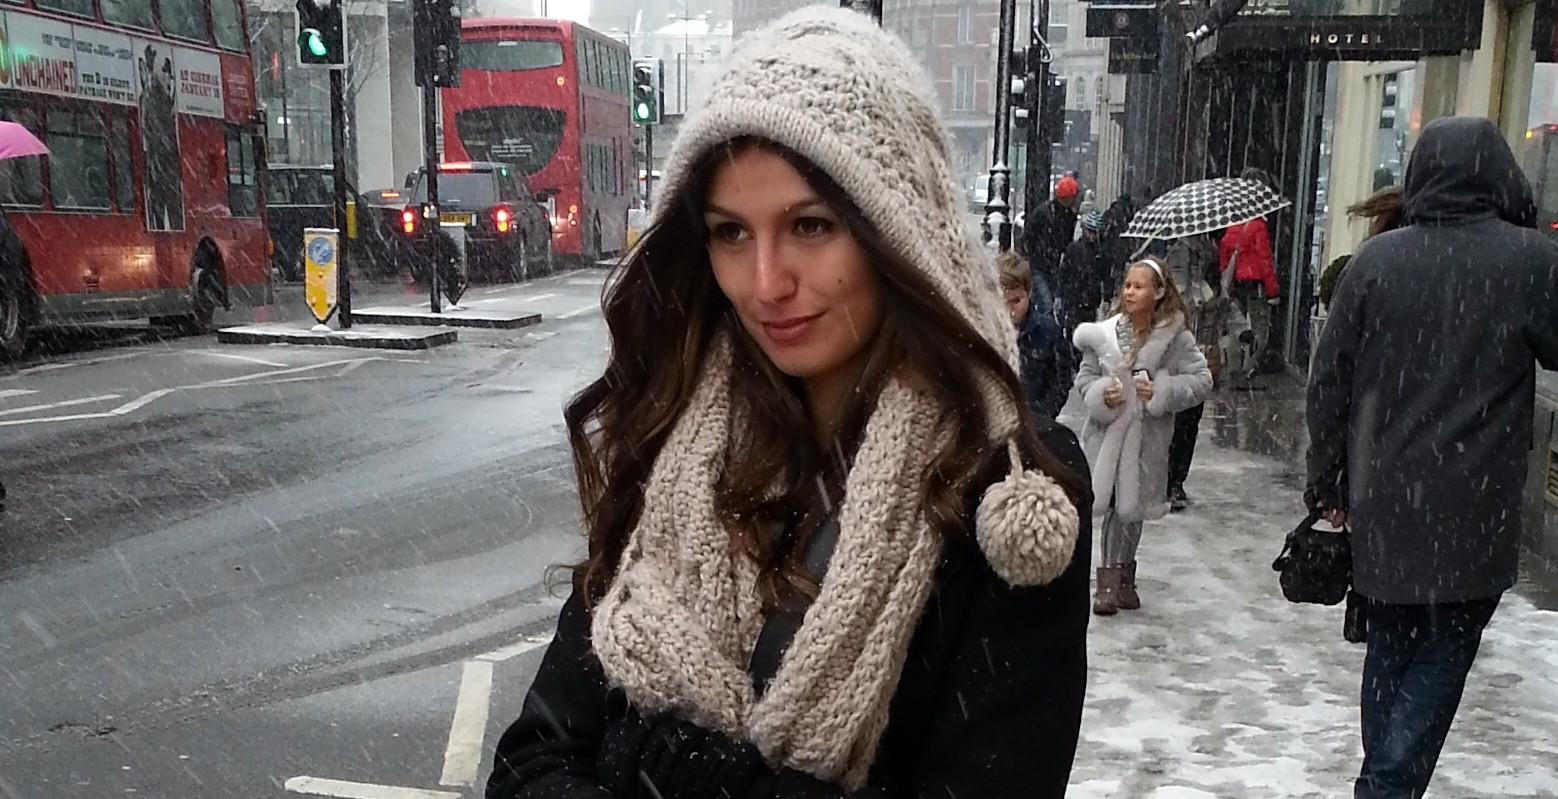 Tijan snow